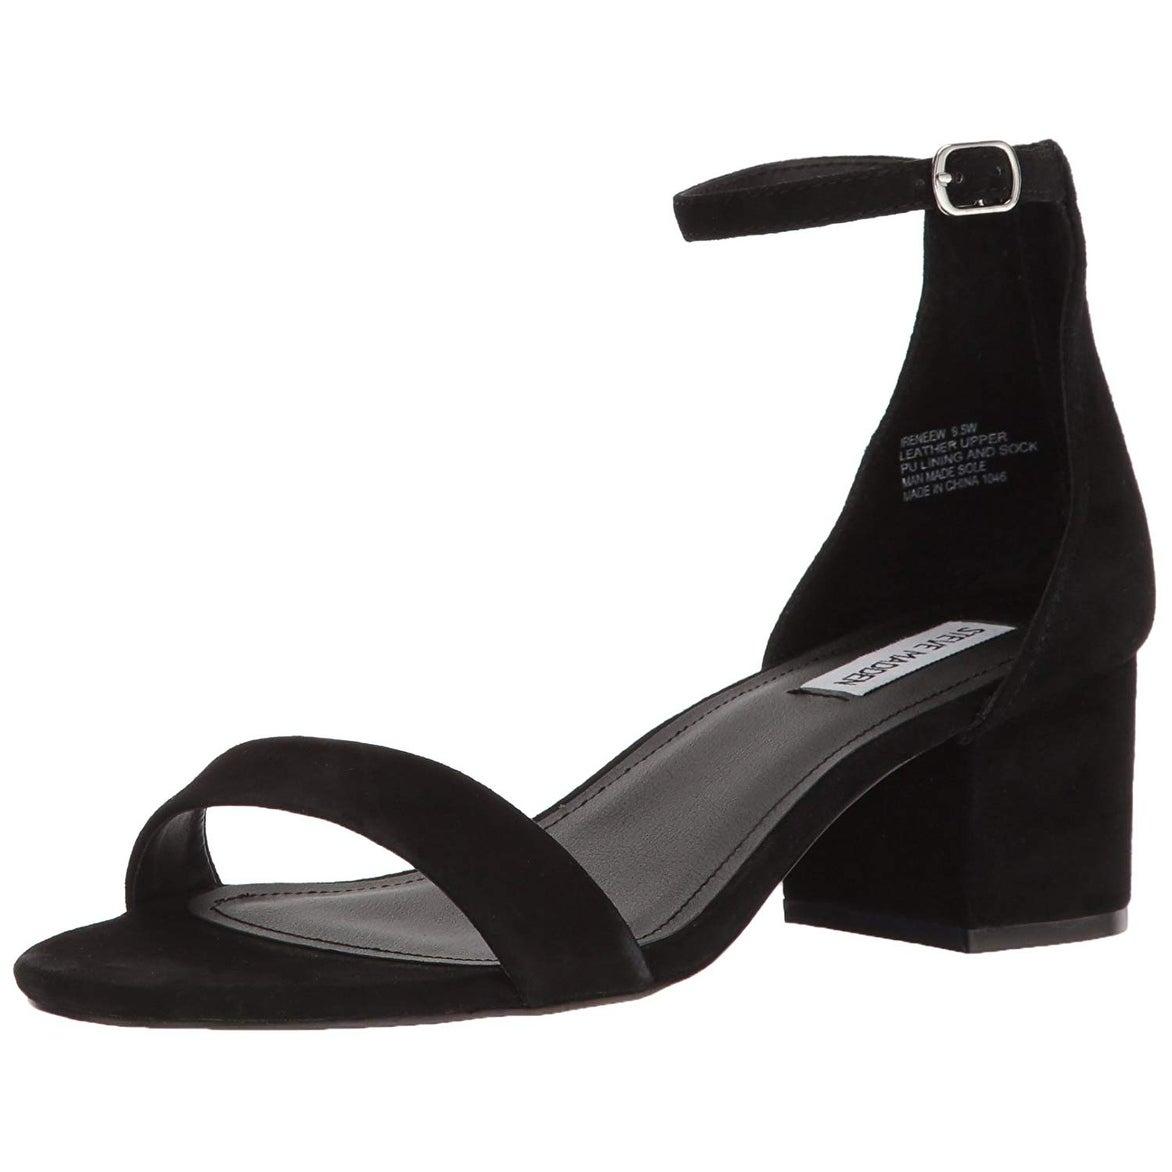 Ireneew Wide Width Dress Sandal